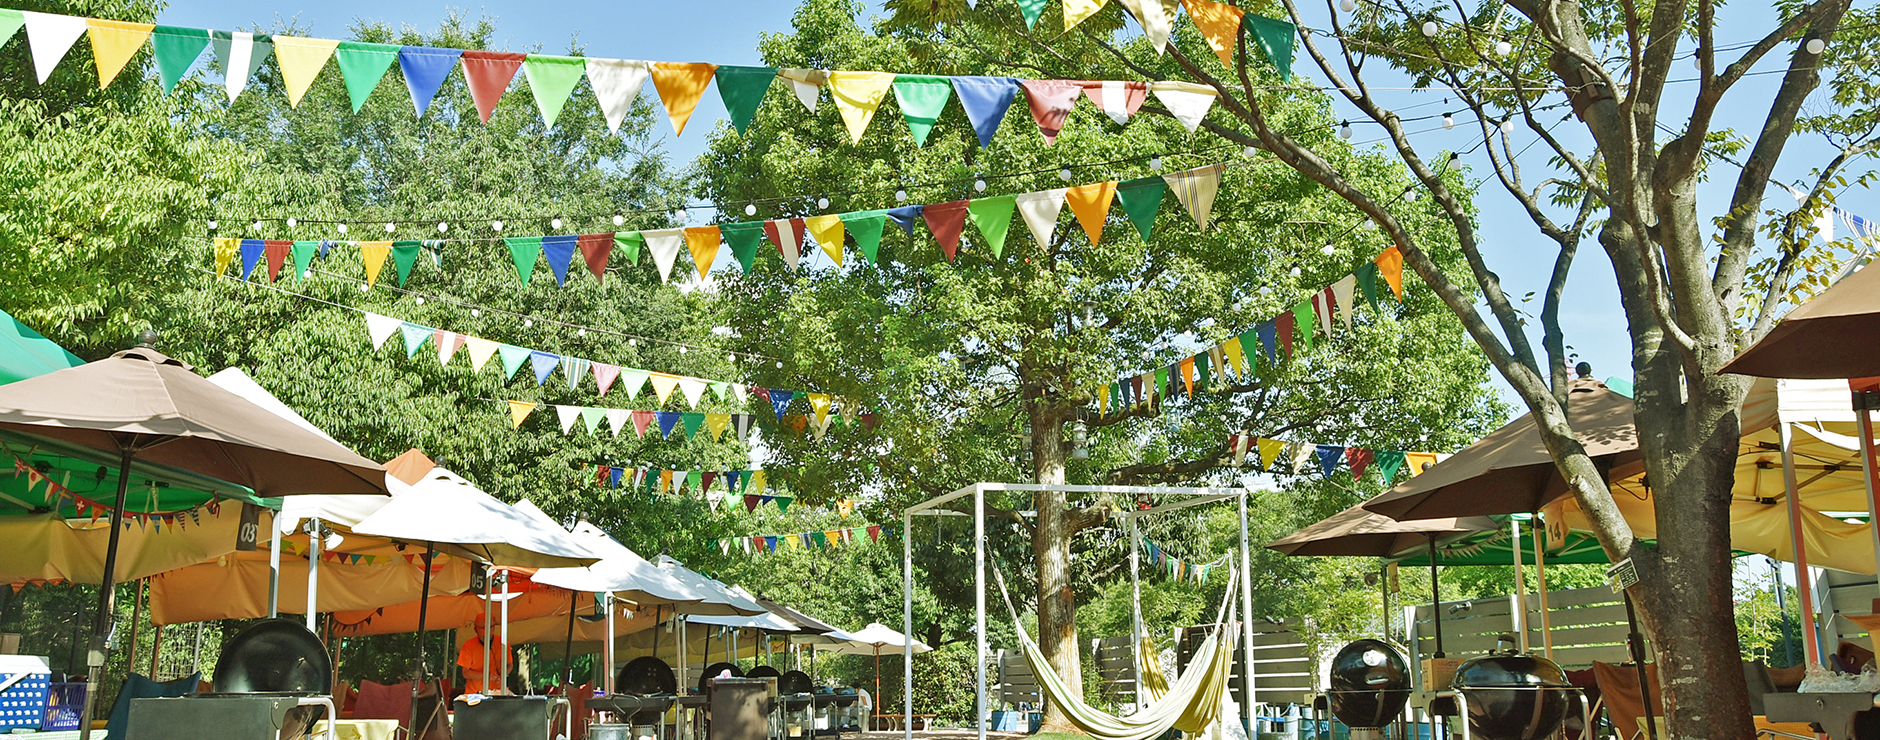 自然文化を体感できる、環境共生型テーマパーク。